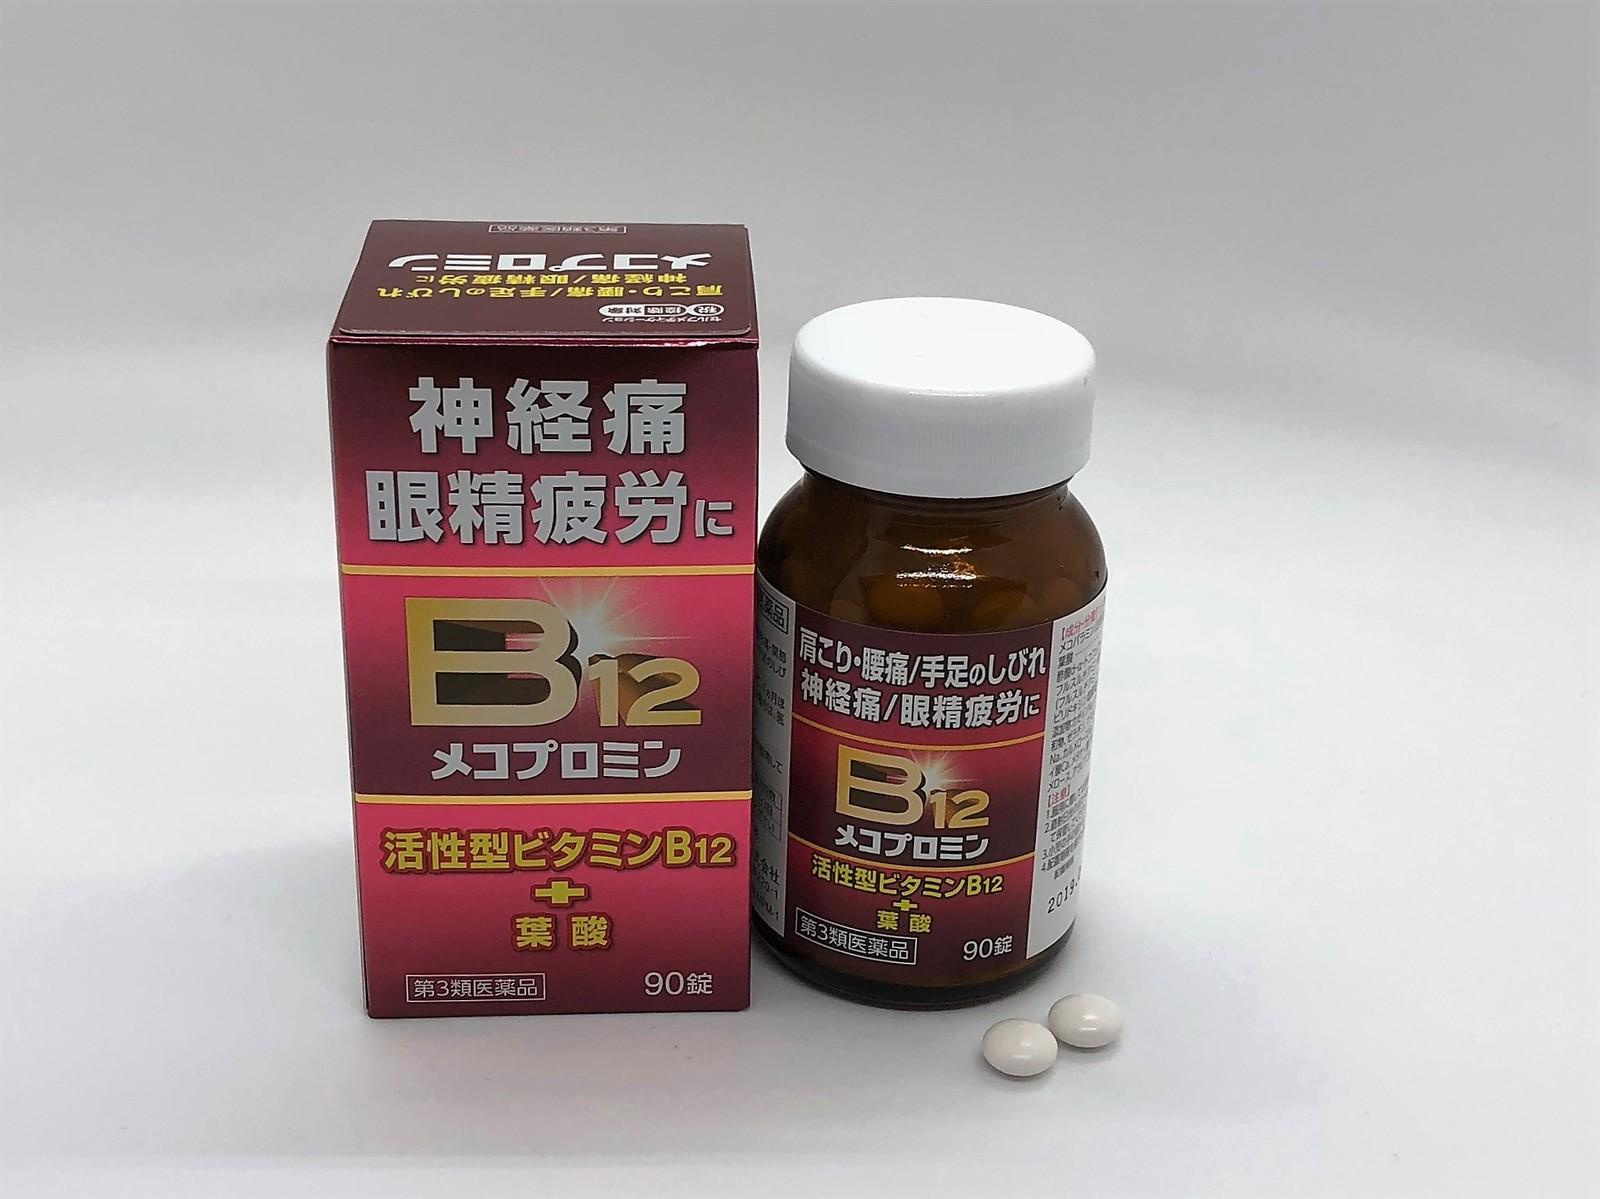 【第3類医薬品】メコプロミン90錠入 送料無料 置き薬 配置薬 至誠堂製薬 キャッシュレス5%還元